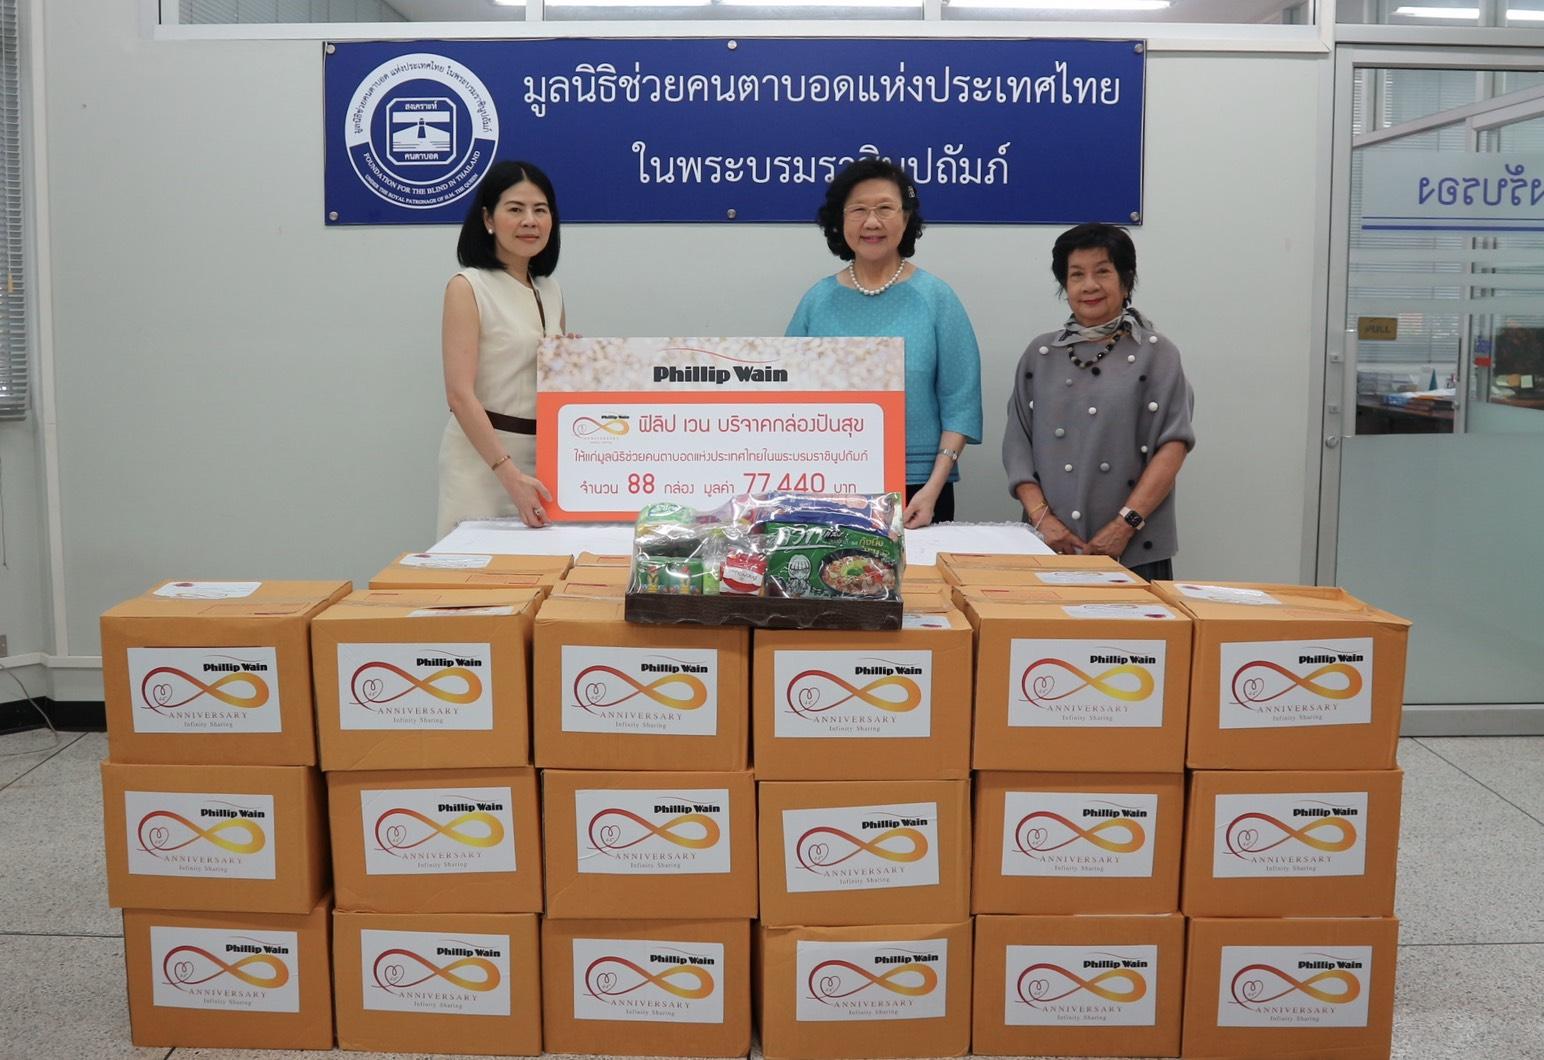 """ฟิลิป เวน ฉลองก้าวสู่ปีที่ 45  บริจาค """"กล่องปันสุข"""" ให้กับมูลนิธิช่วยคนตาบอดแห่งประเทศไทยในพระบรมราชินูปถัมภ์"""